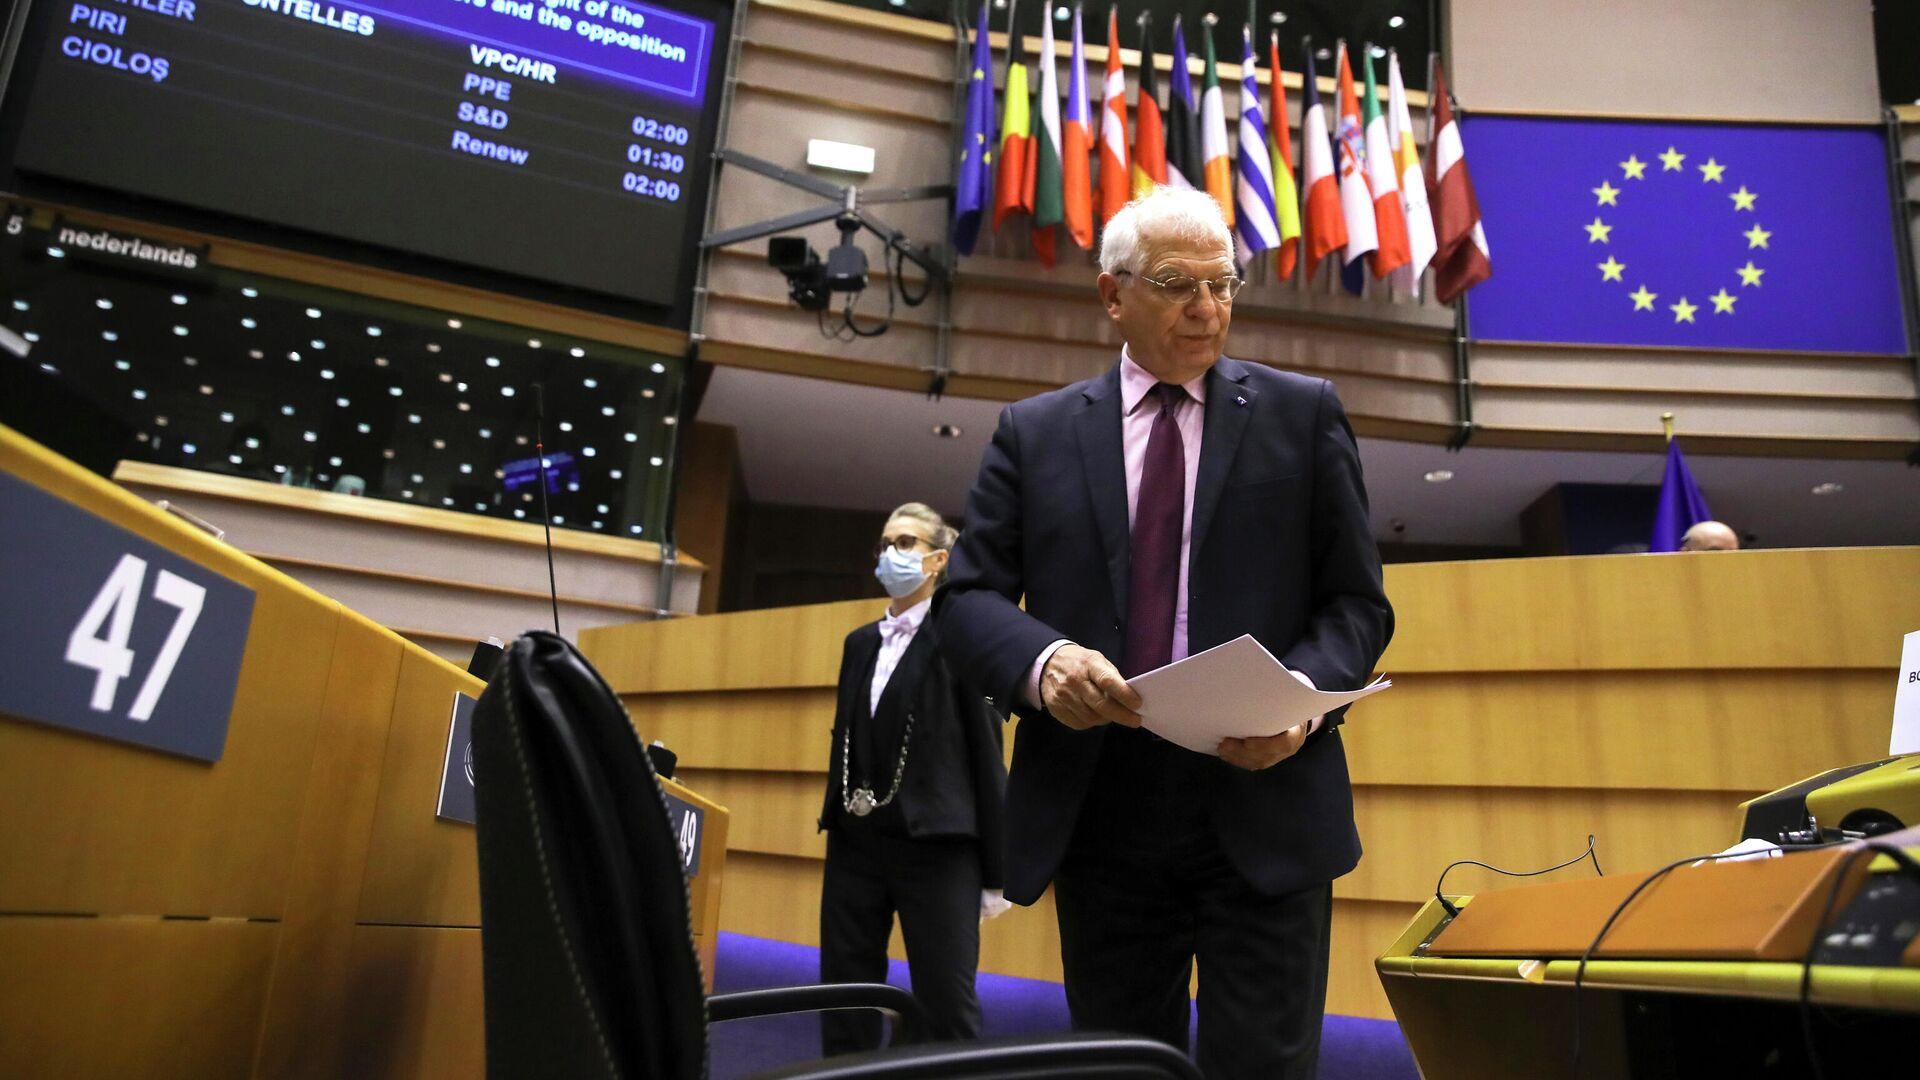 Верховный представитель Европейского союза по иностранным делам и политике безопасности Жозеп Боррель на заседании Европарламента в Брюсселе - РИА Новости, 1920, 09.02.2021